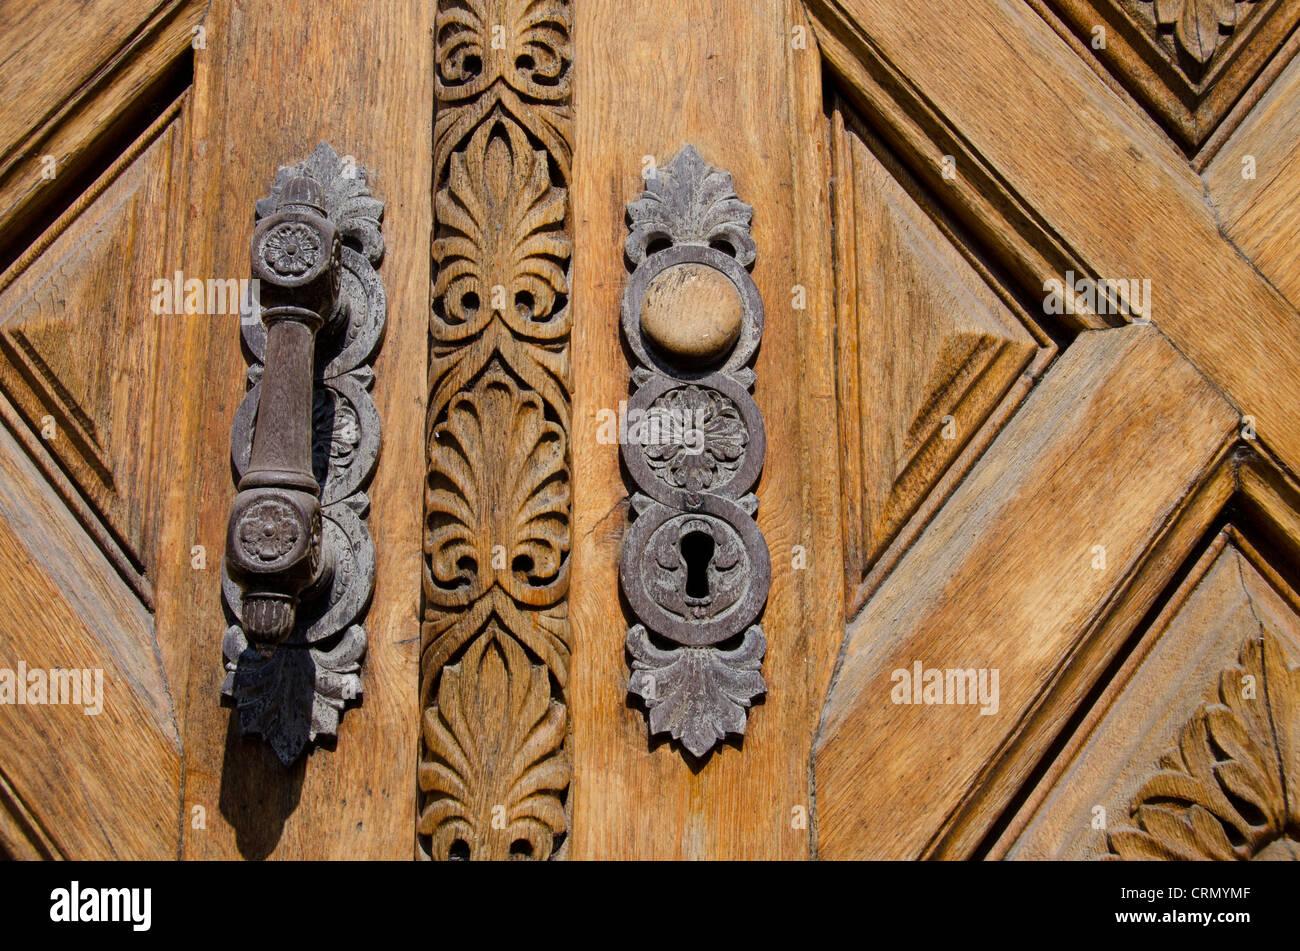 Denmark, Helsingoer. Ornate wooden door of the Helsingoer Kommune Radhus building in downtown Helsingoer. - Stock Image